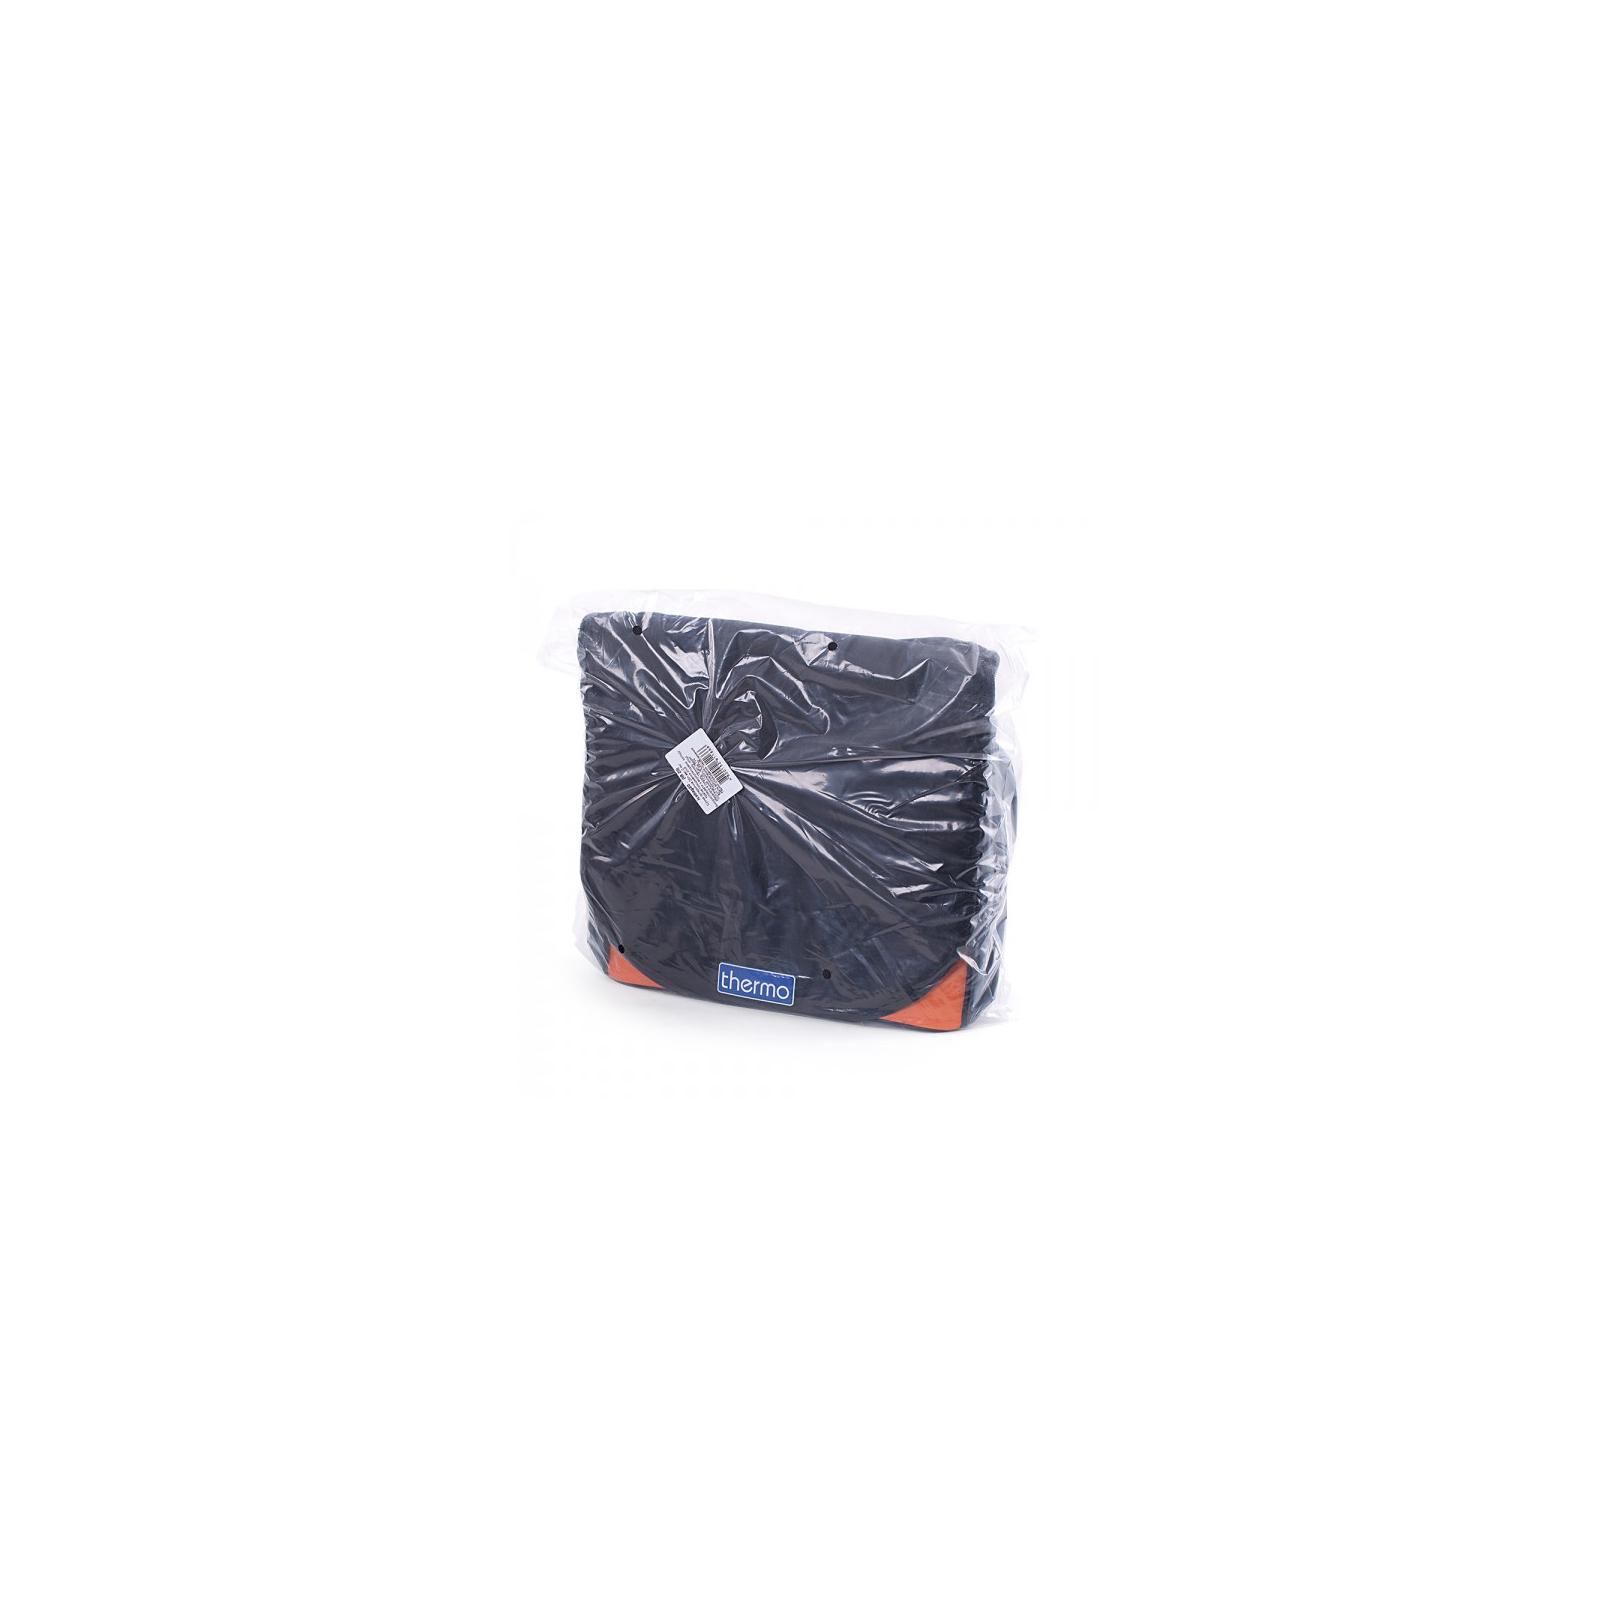 Термосумка Thermo Icebag 20 (4820152611666) изображение 6